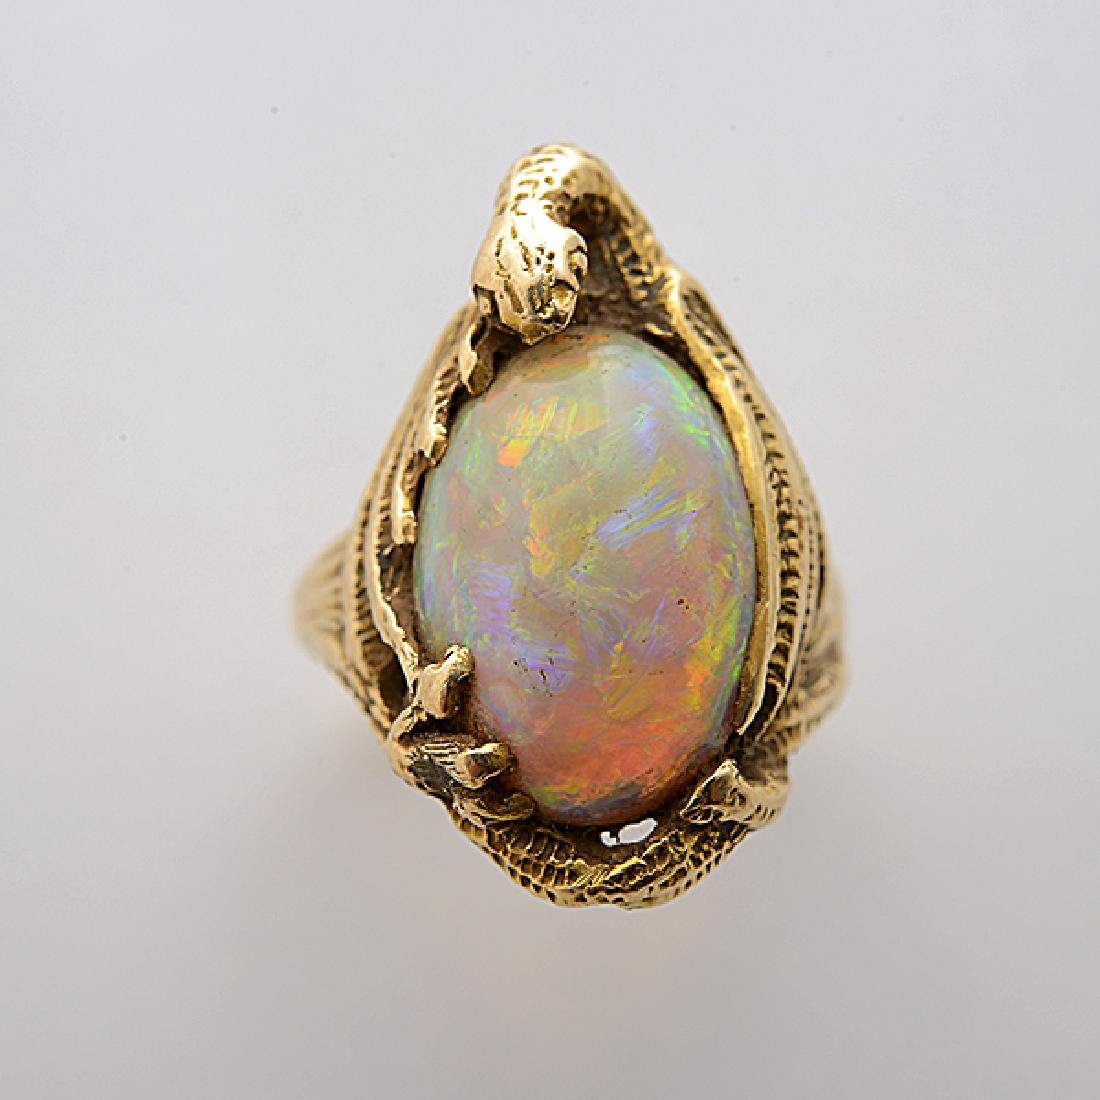 Walton & Co. Art Nouveau Opal, 14k Yellow Gold Ring. - 2